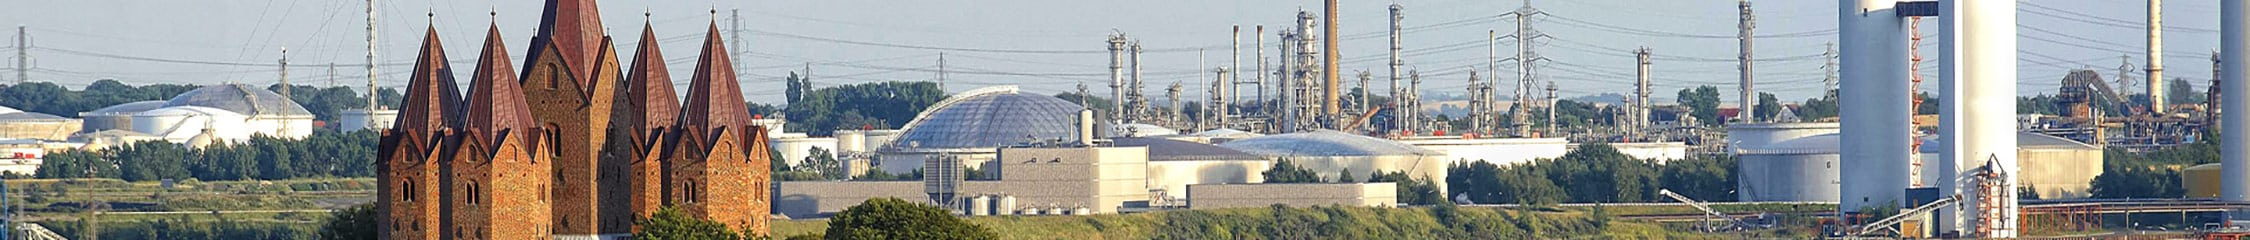 Industri I Kalundborg